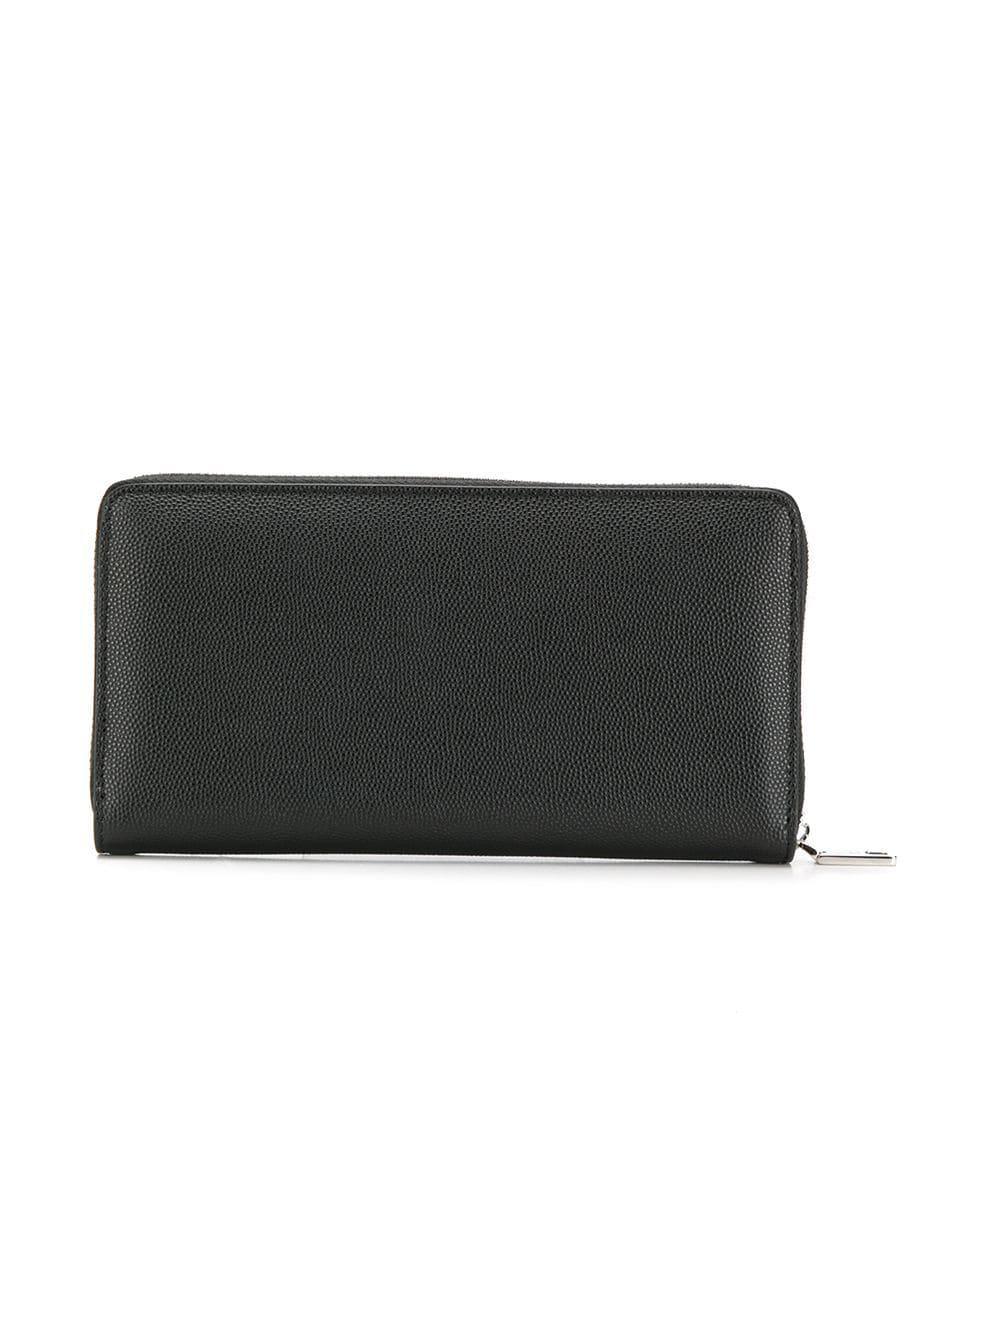 6b357452f6 Lyst - Dolce & Gabbana Zip Around Wallet in Black for Men